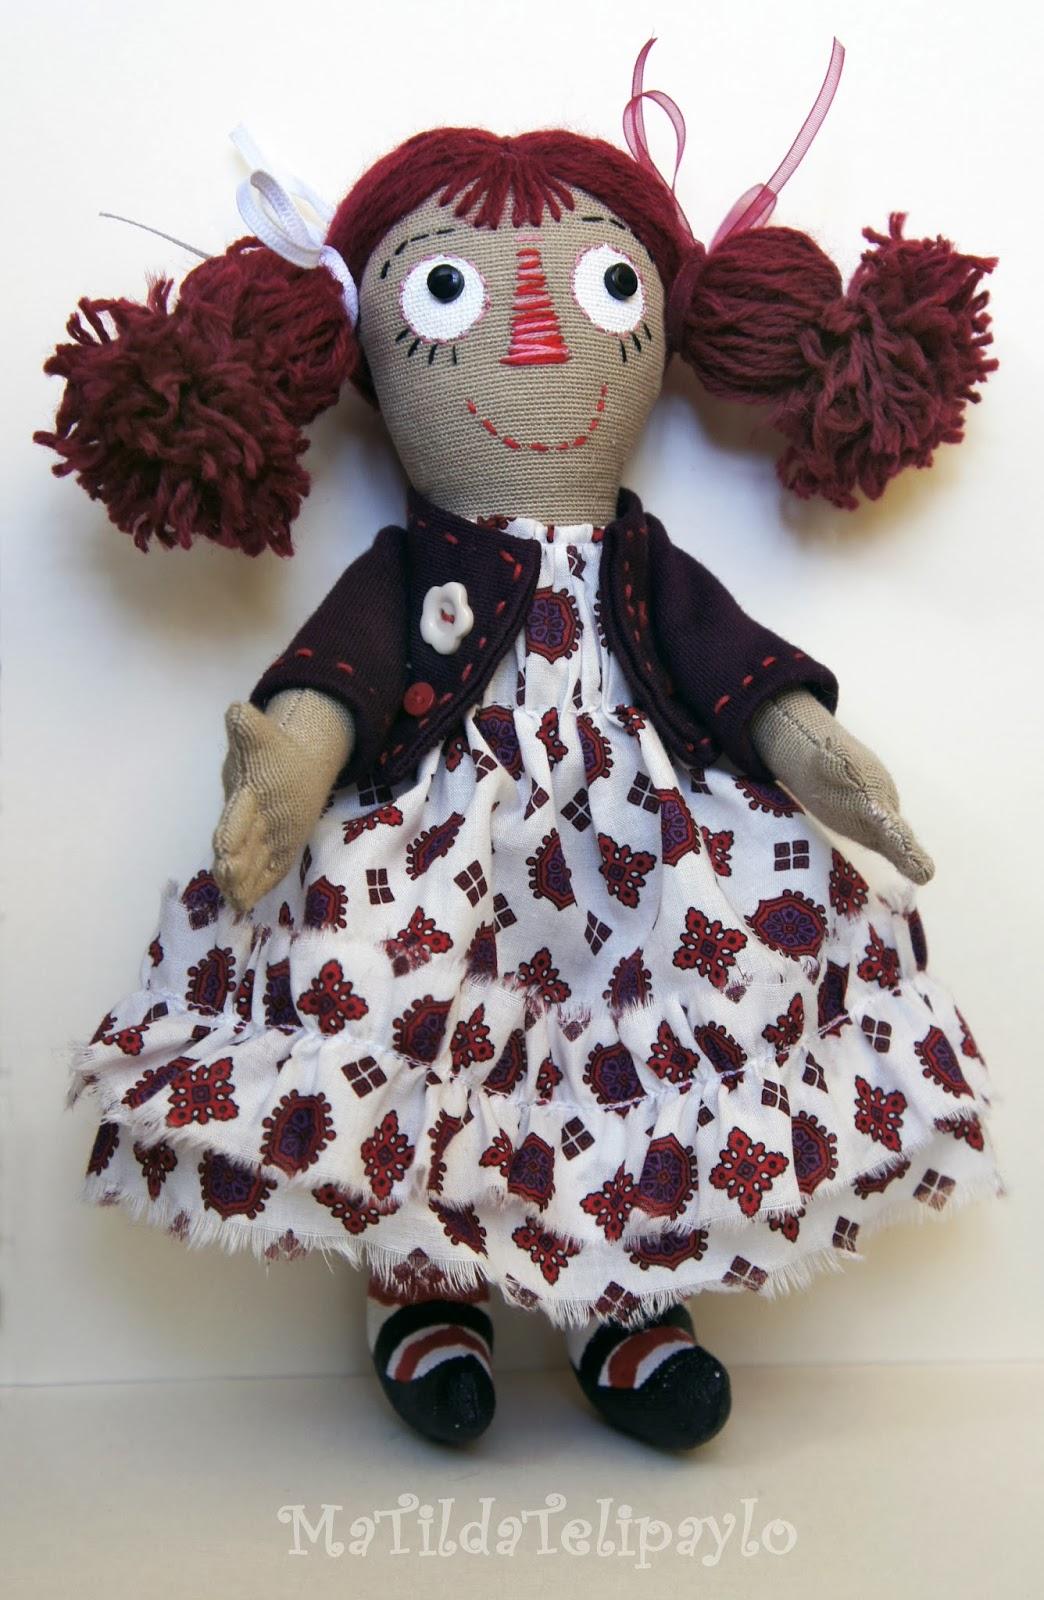 Авторская текстильная кукла MaTildaTelipaylo